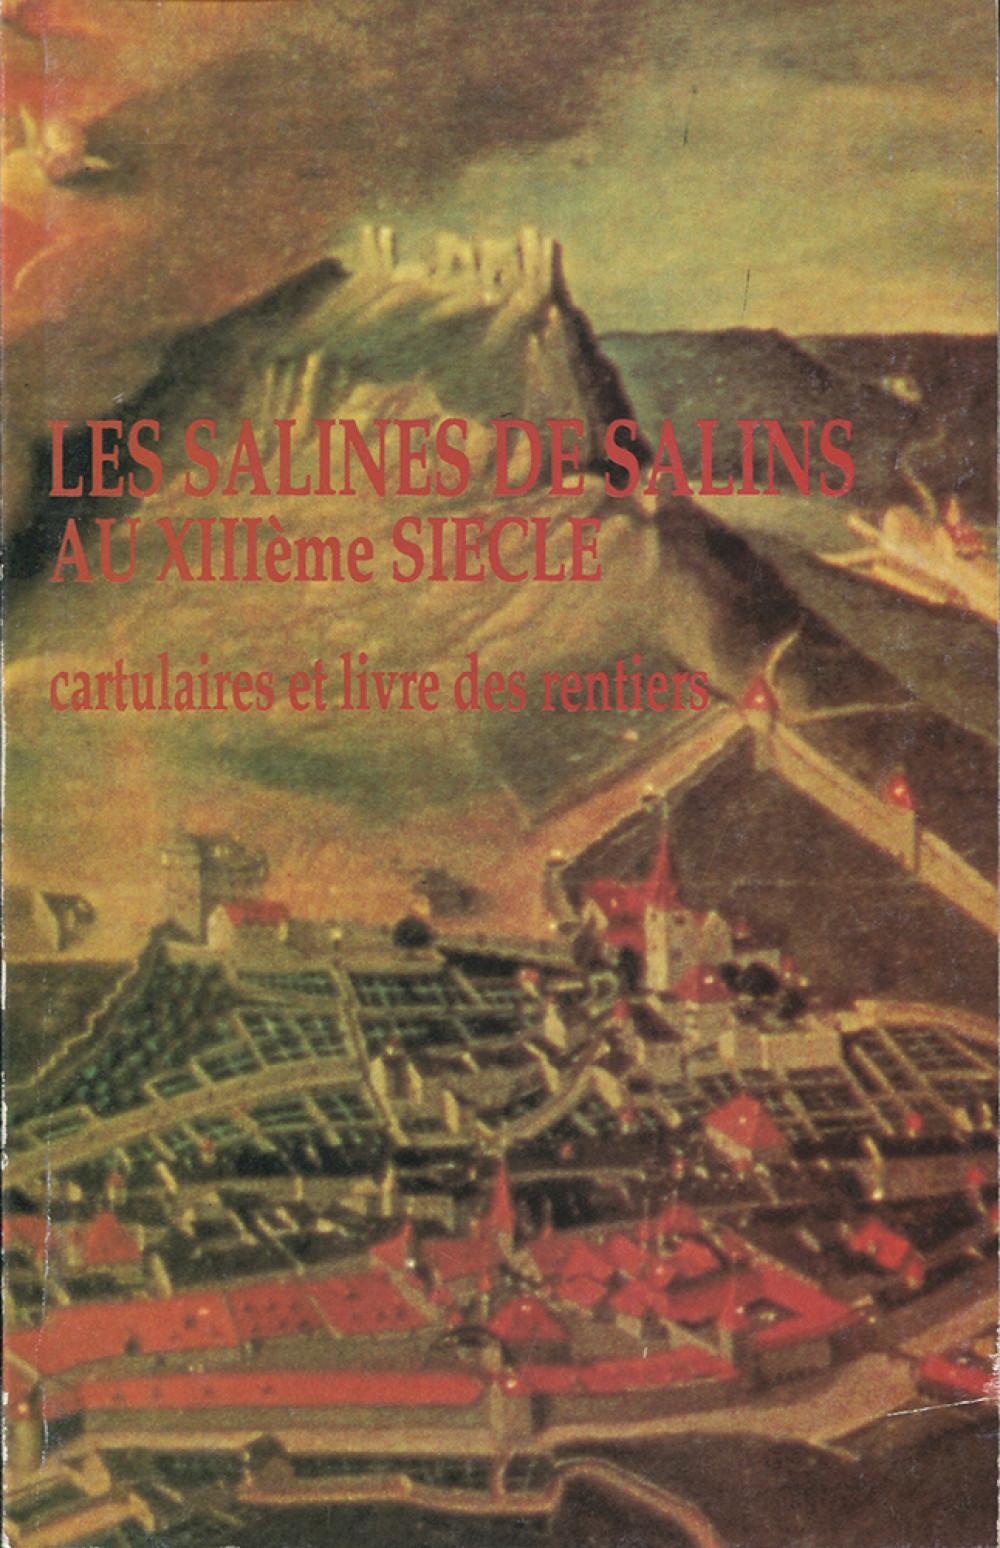 """Les salines de Salins au <span style=""""font-variant: small-caps"""">XIII</span><sup>e</sup> siècle"""